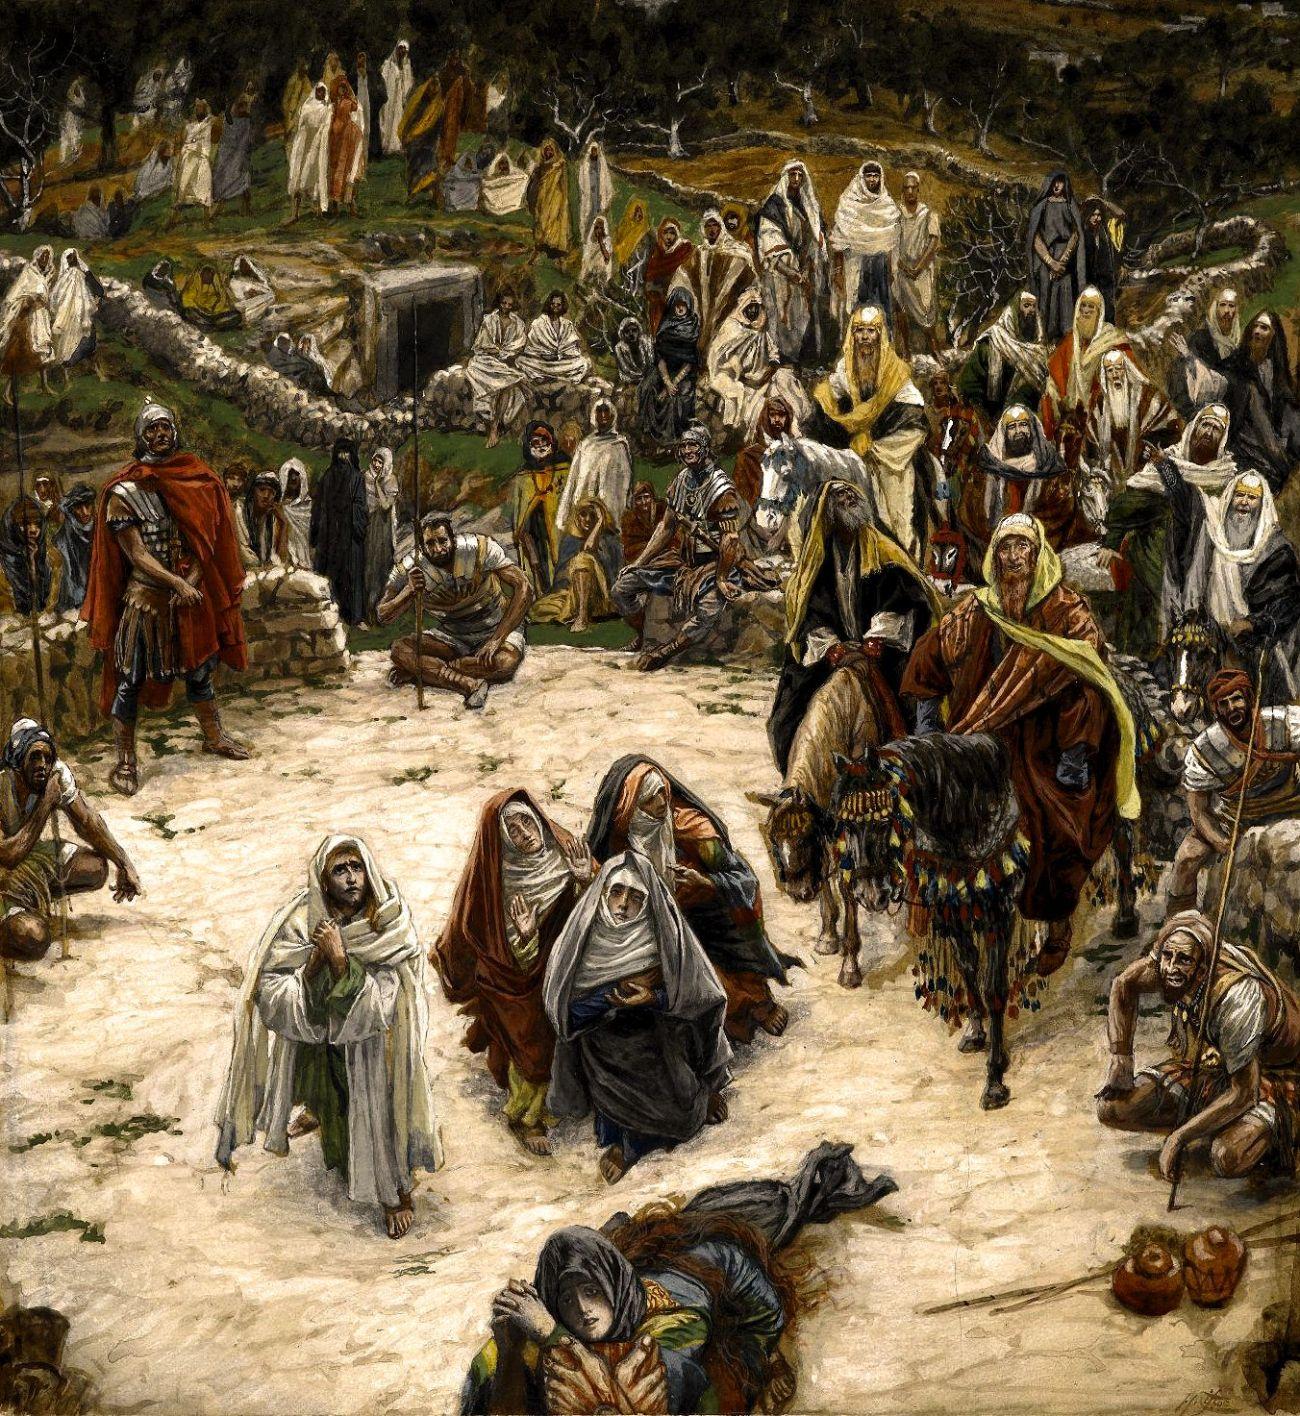 Ce que voyait Notre-Seigneur sur la Croix (What Our Lord Saw from the Cross).